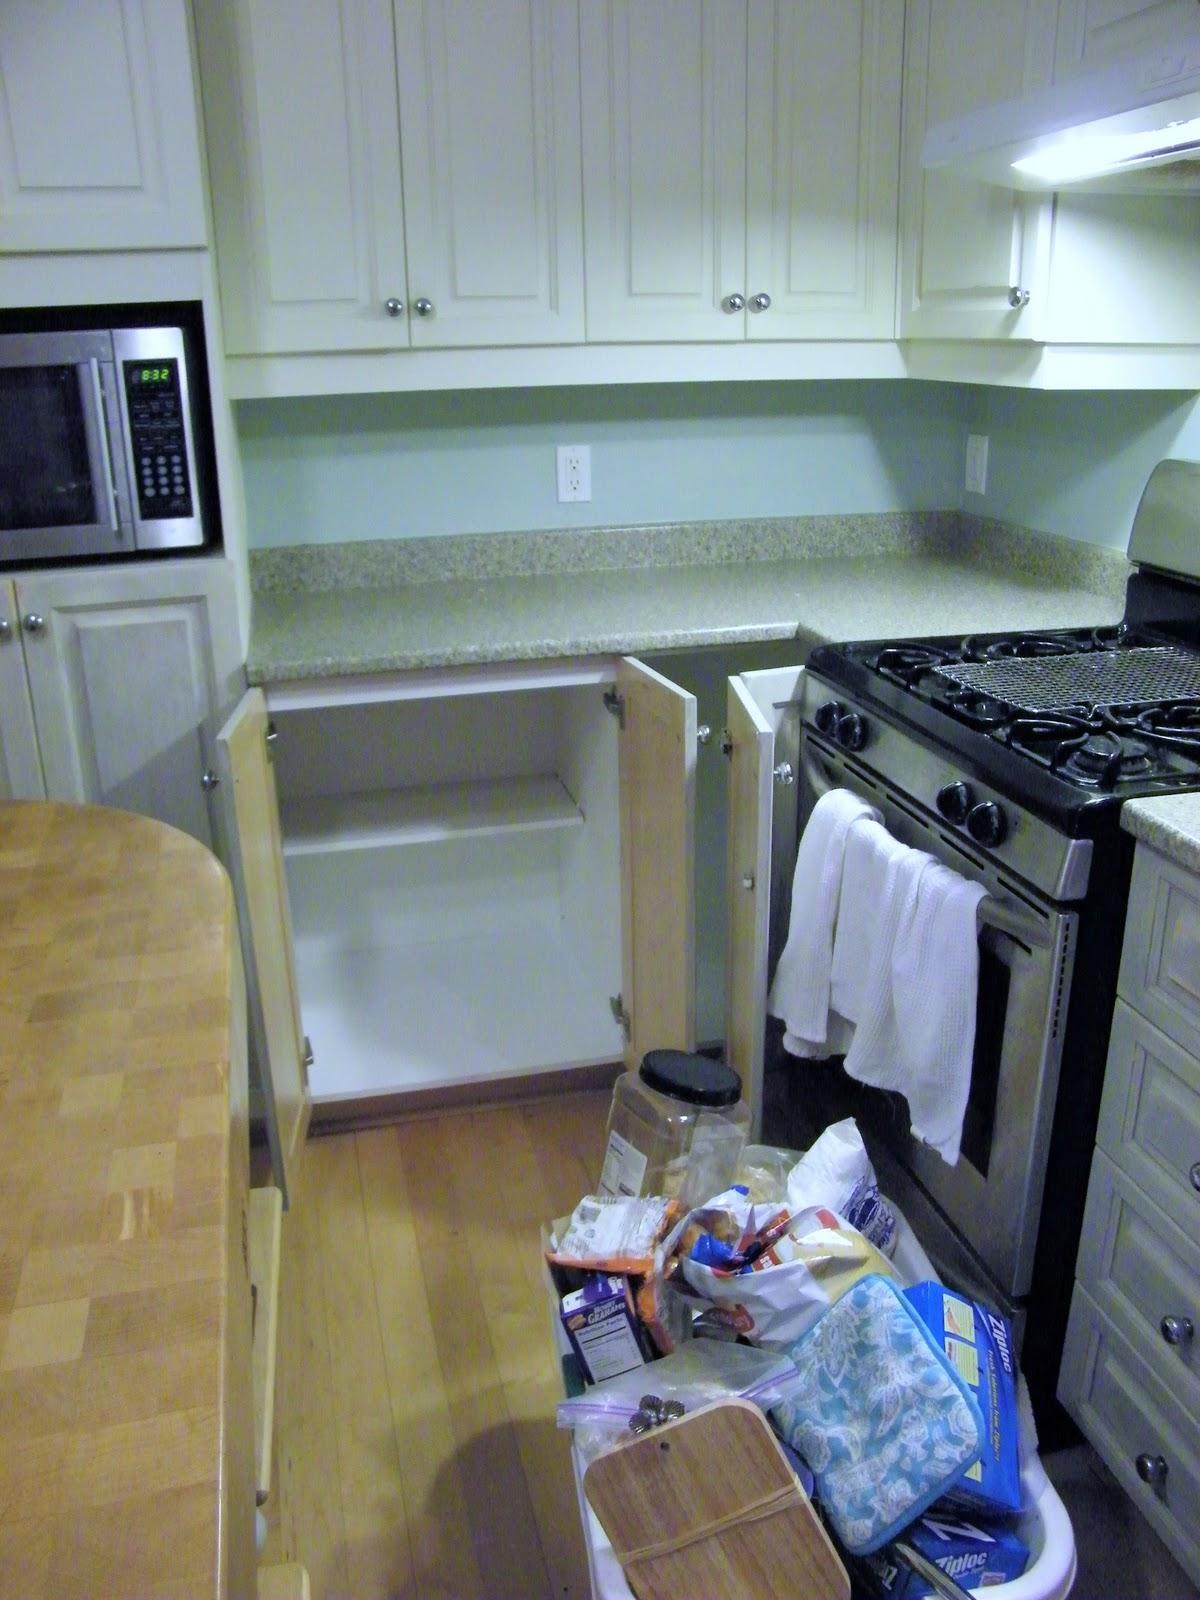 Maison Decor: Kitchen Counters Arrived